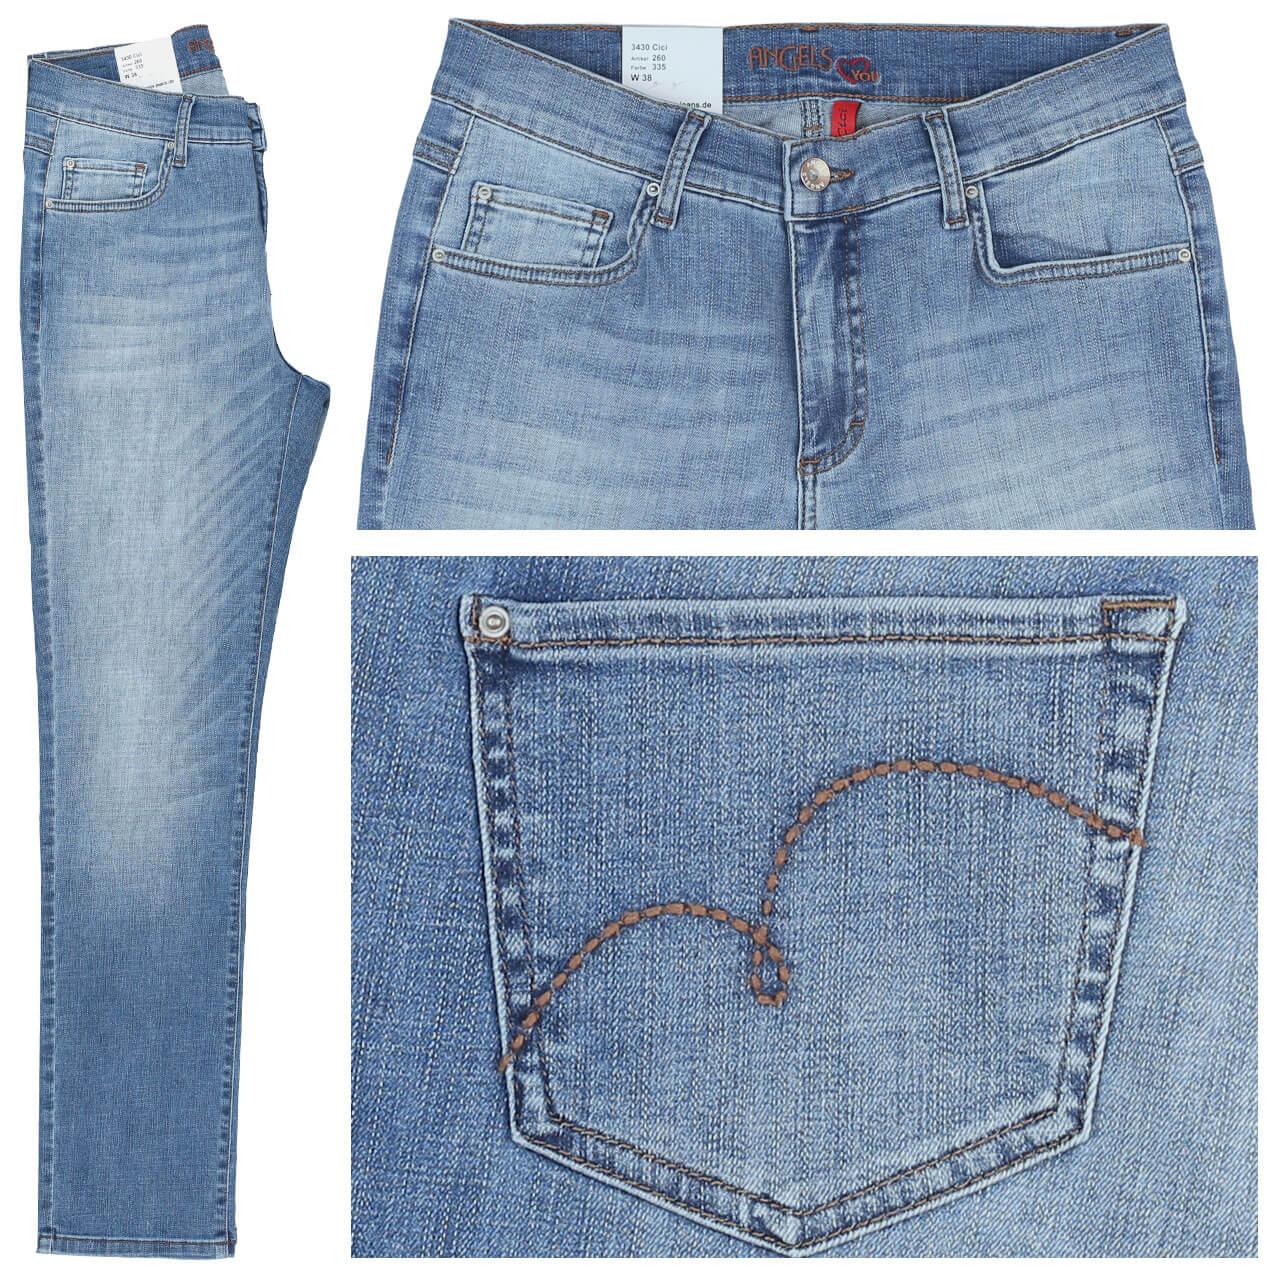 Angels Jeans bei Eierund in Hildesheim kaufen